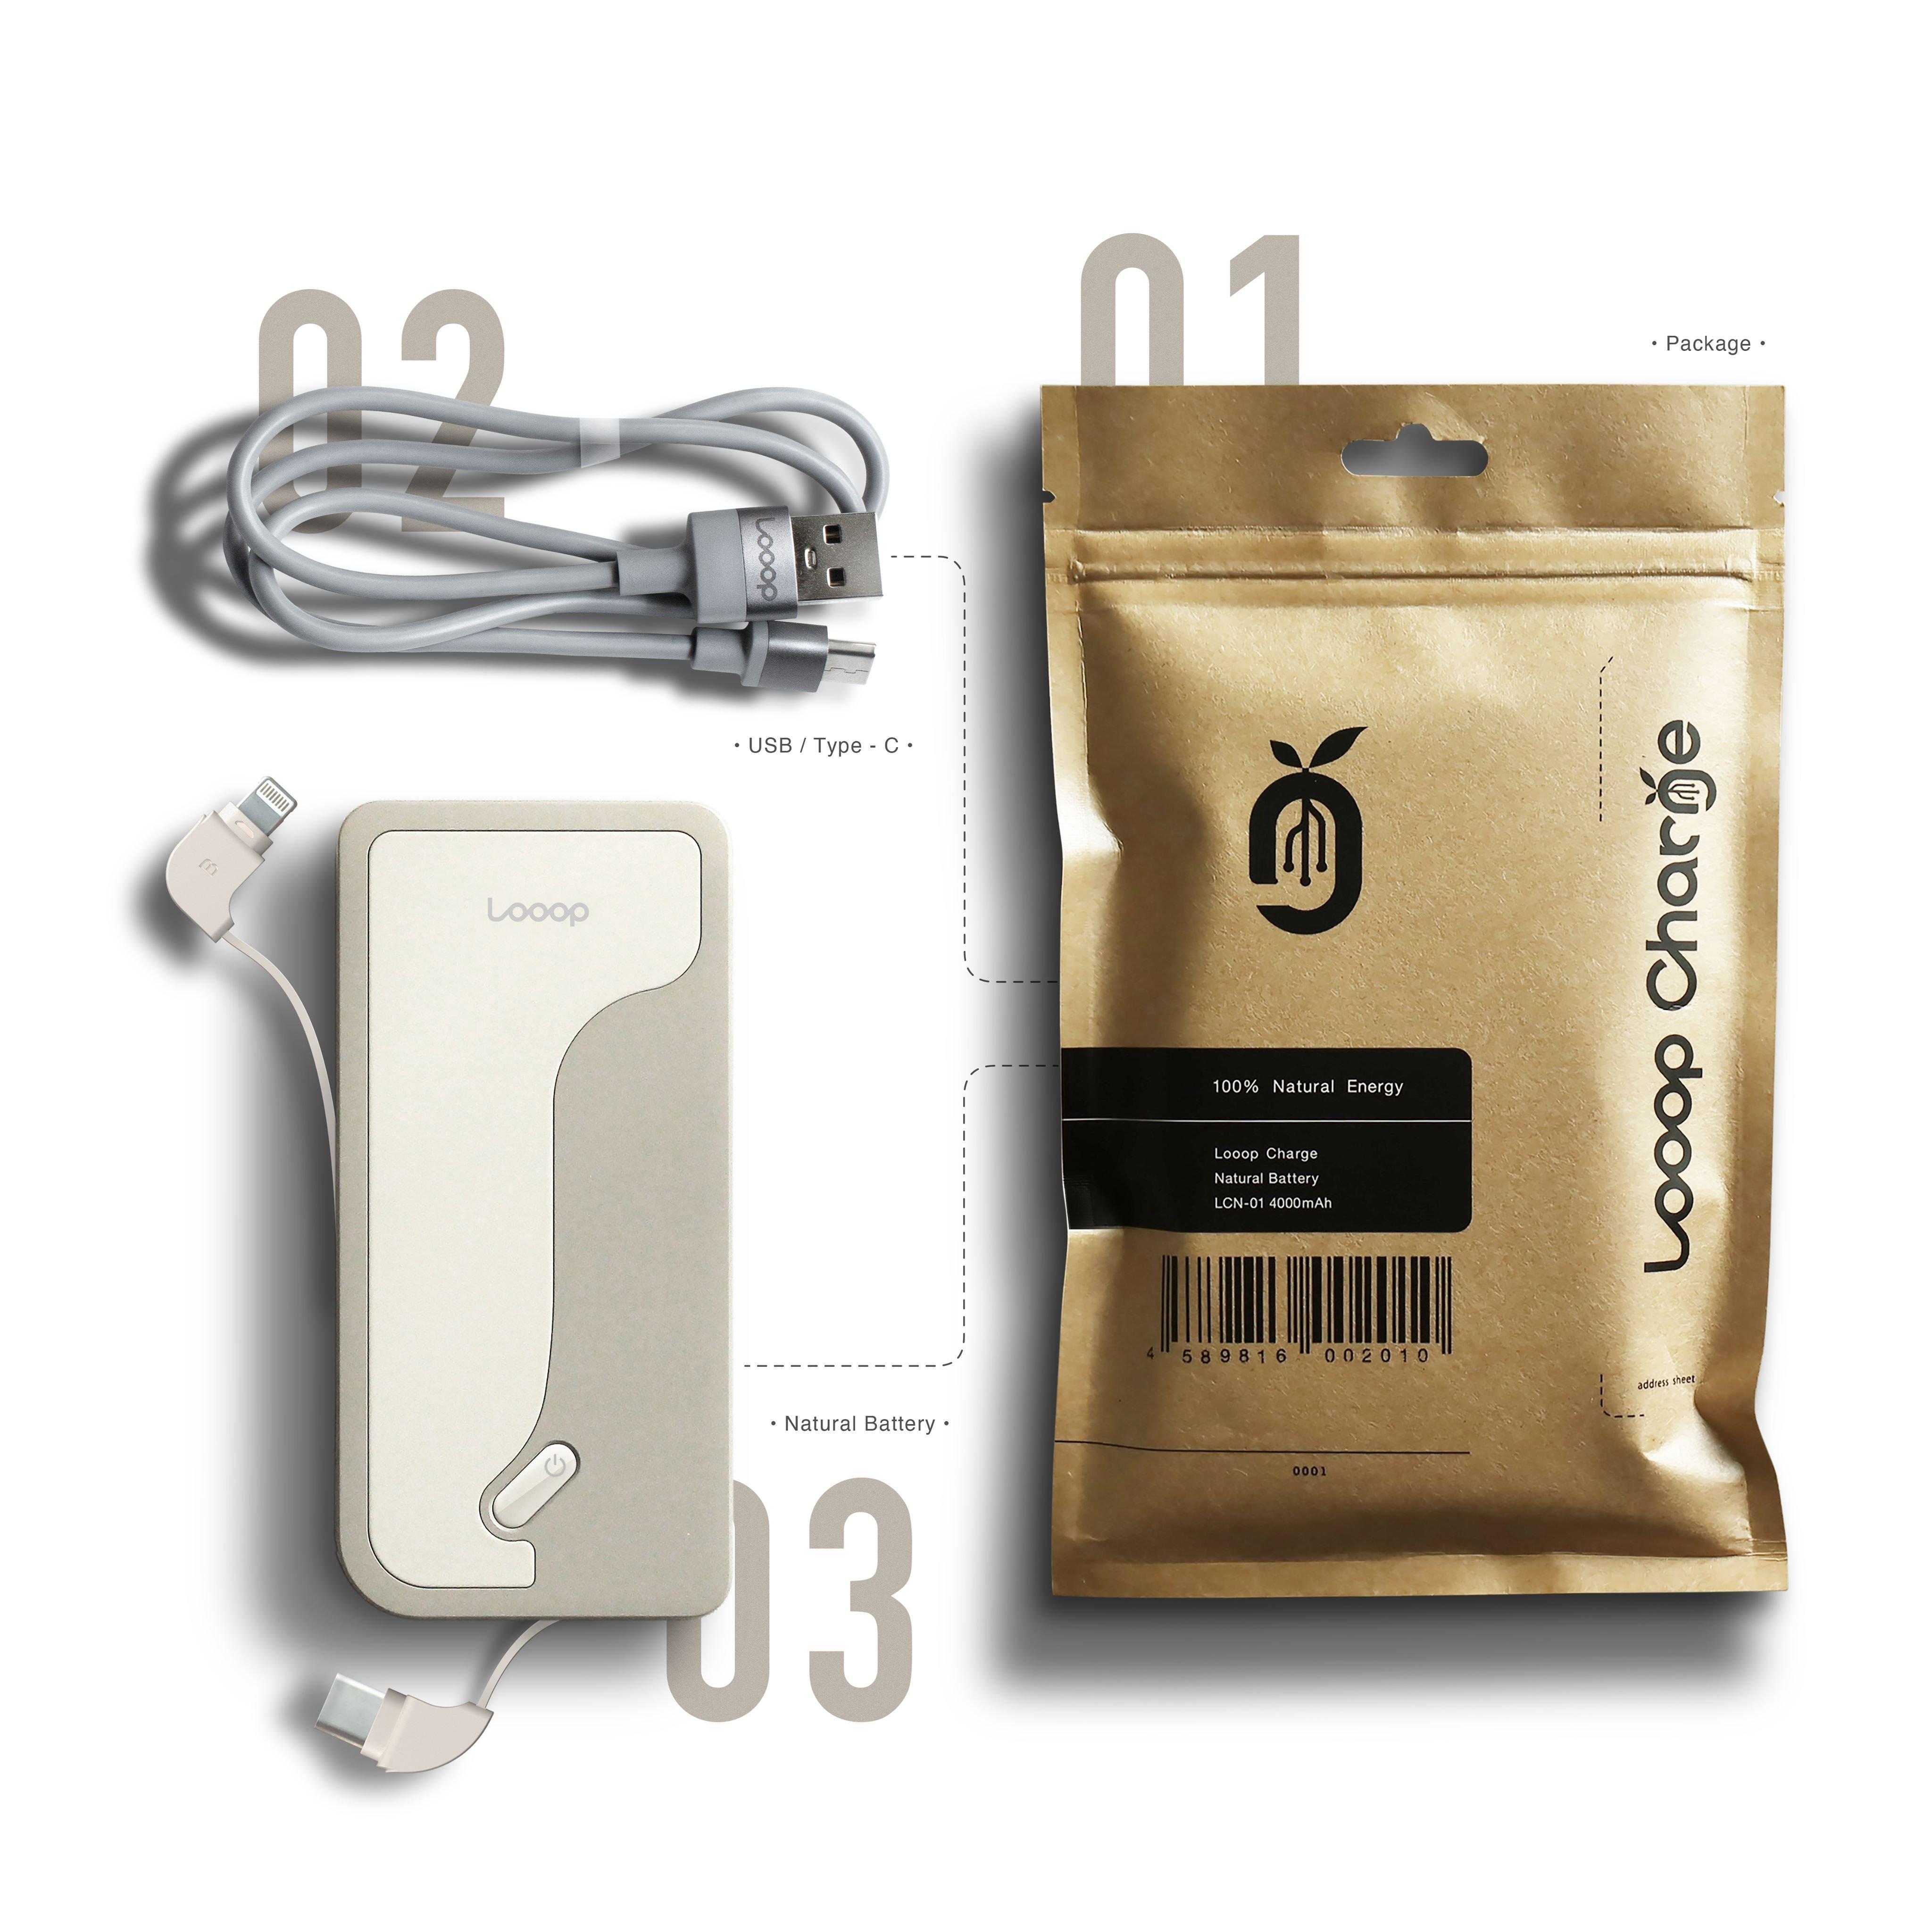 【店頭販売限定】Looop Charge モバイルバッテリー 4000mAh(PSE認証済み)のイメージその3